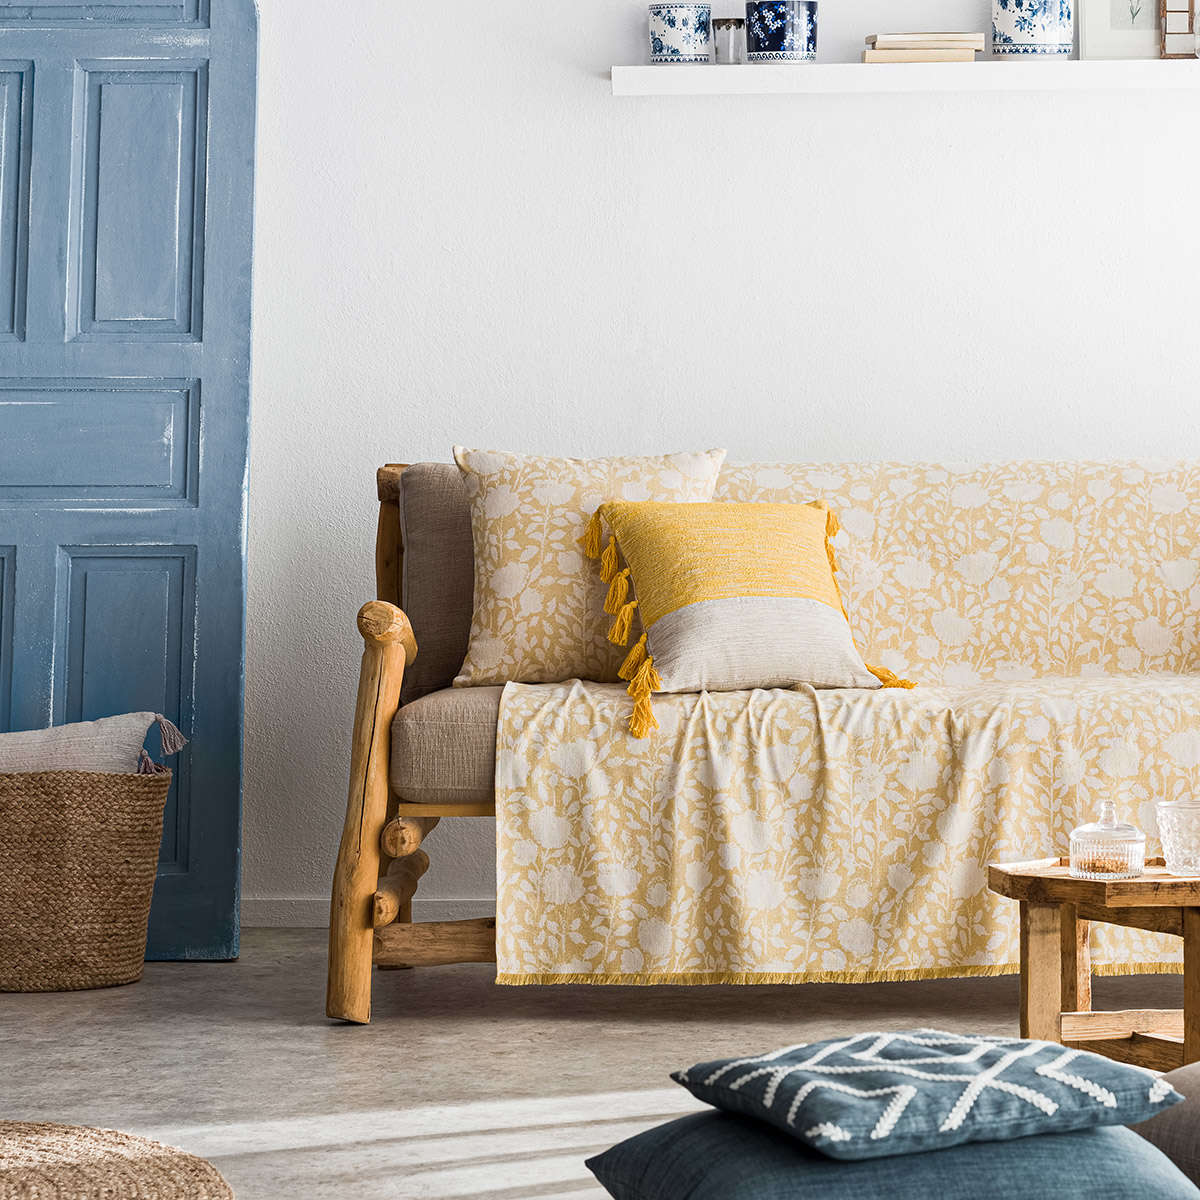 Ριχτάρι Rosefield Mustard 201/04 Gofis Home Διθέσιο 180x250cm